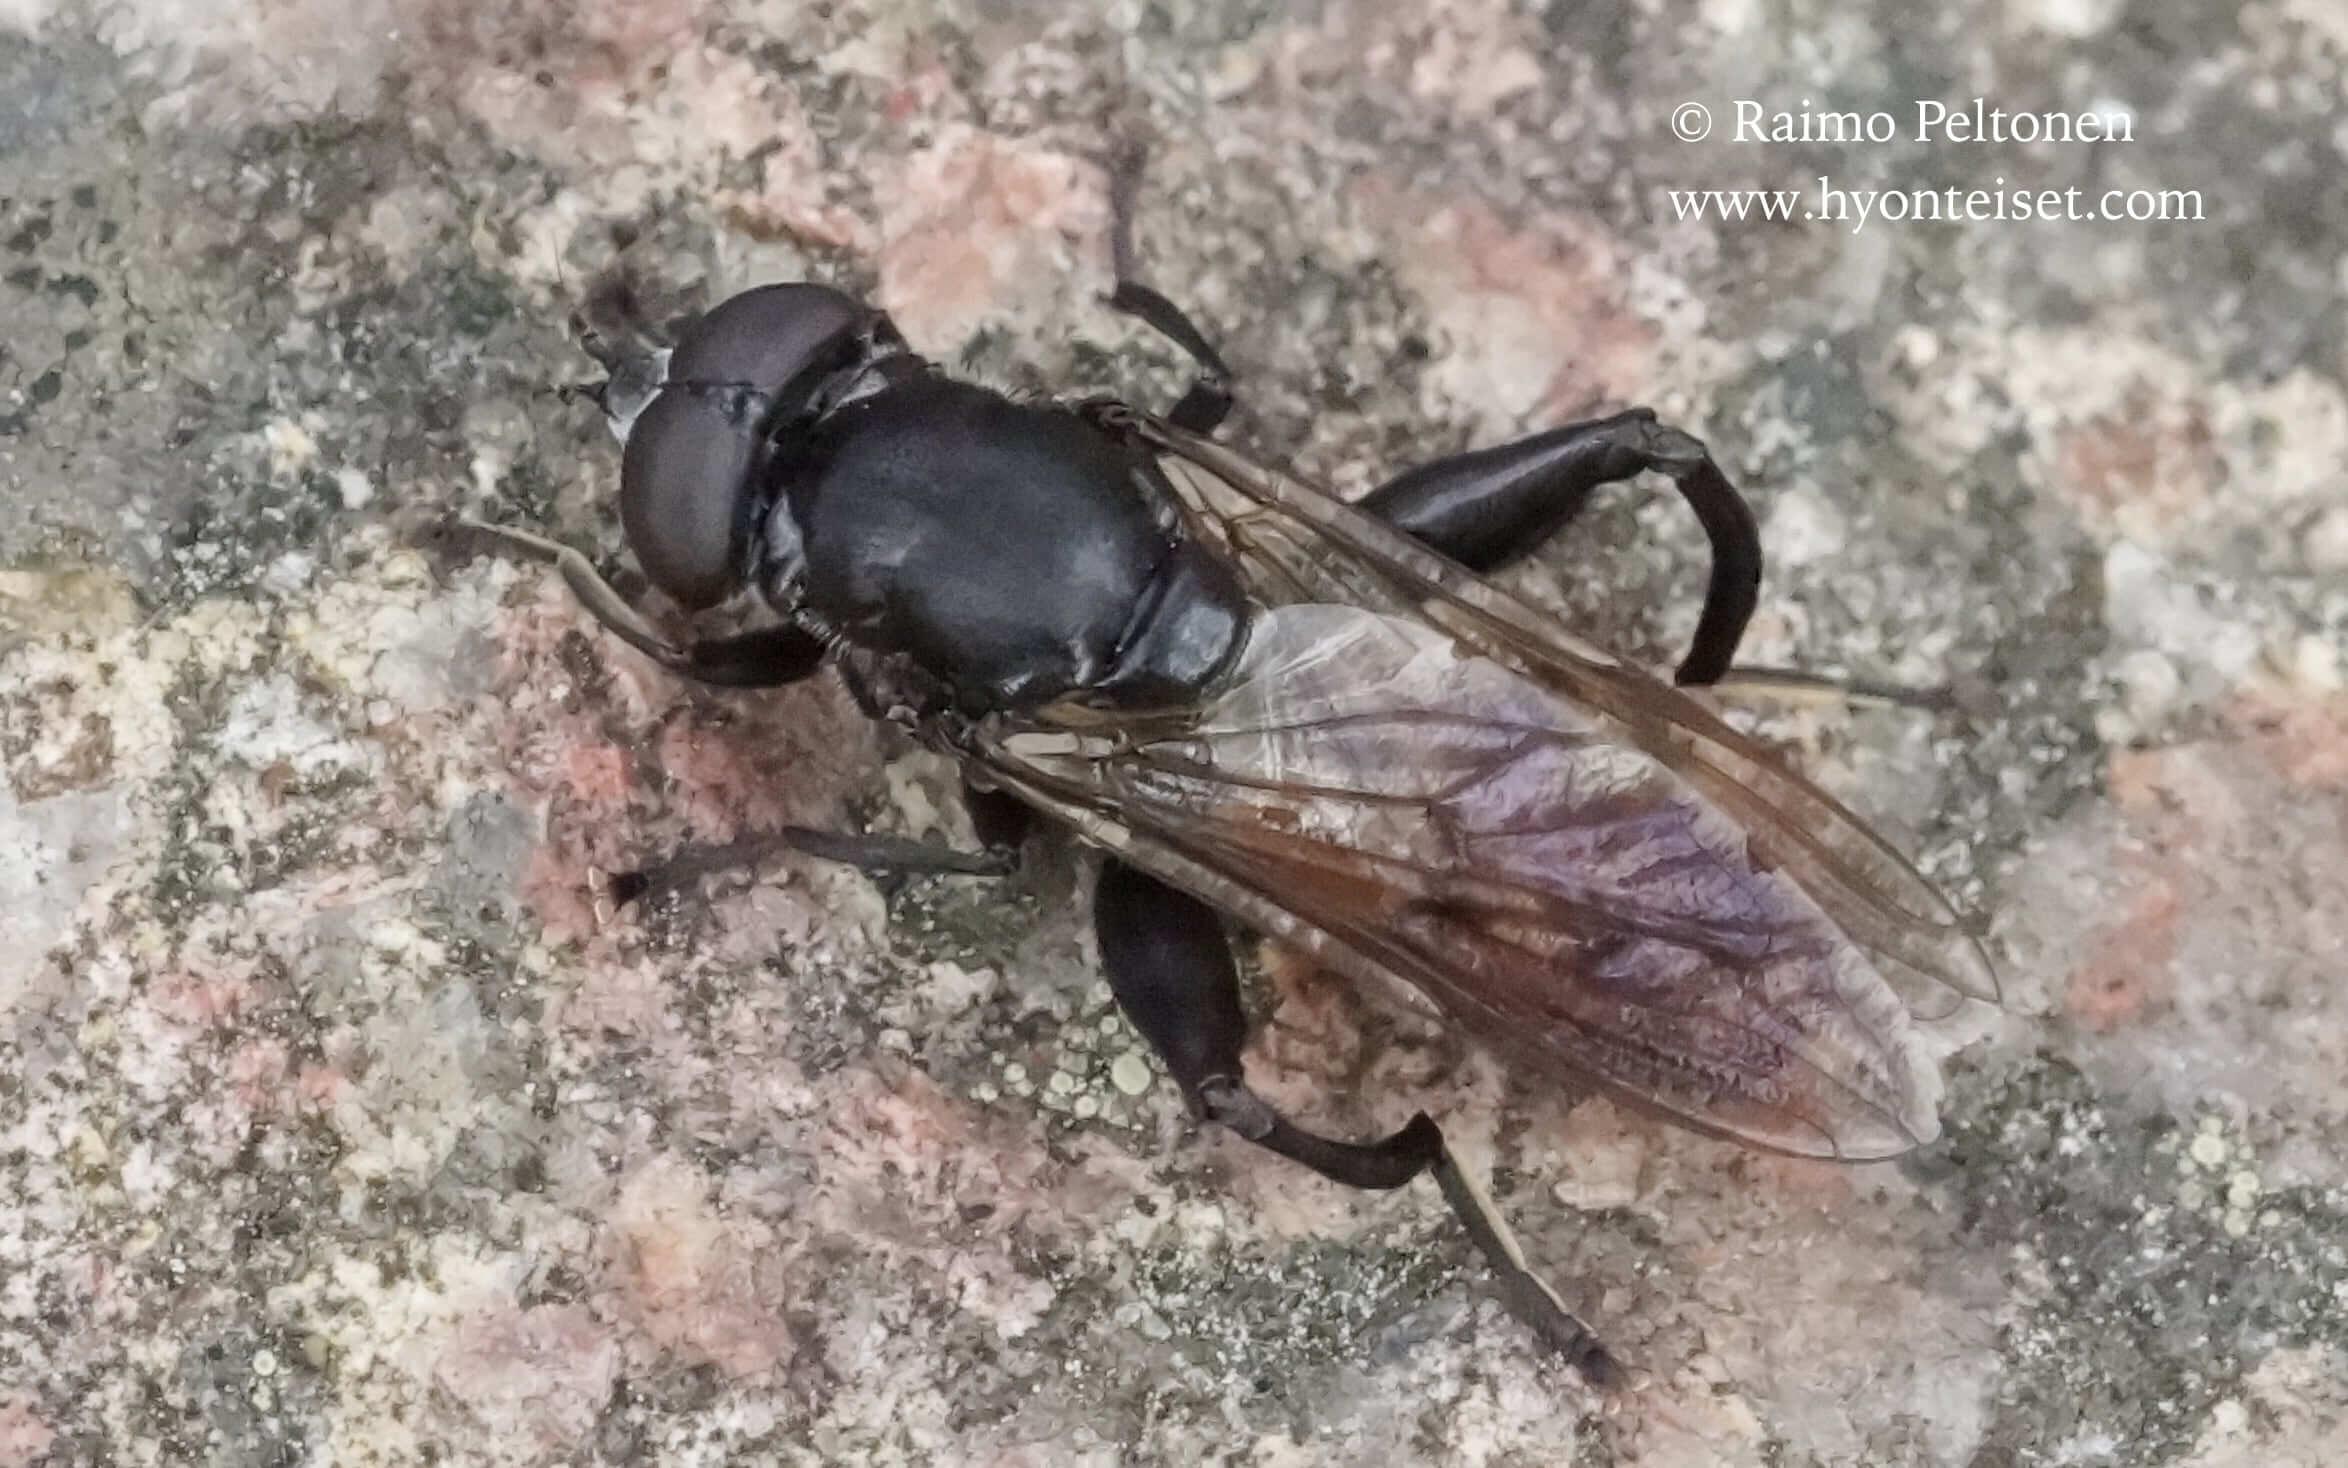 Chalcosyrphus nemorum-pajupuuhari (det. Antti Haarto), 13.7.2016 Ähtäri